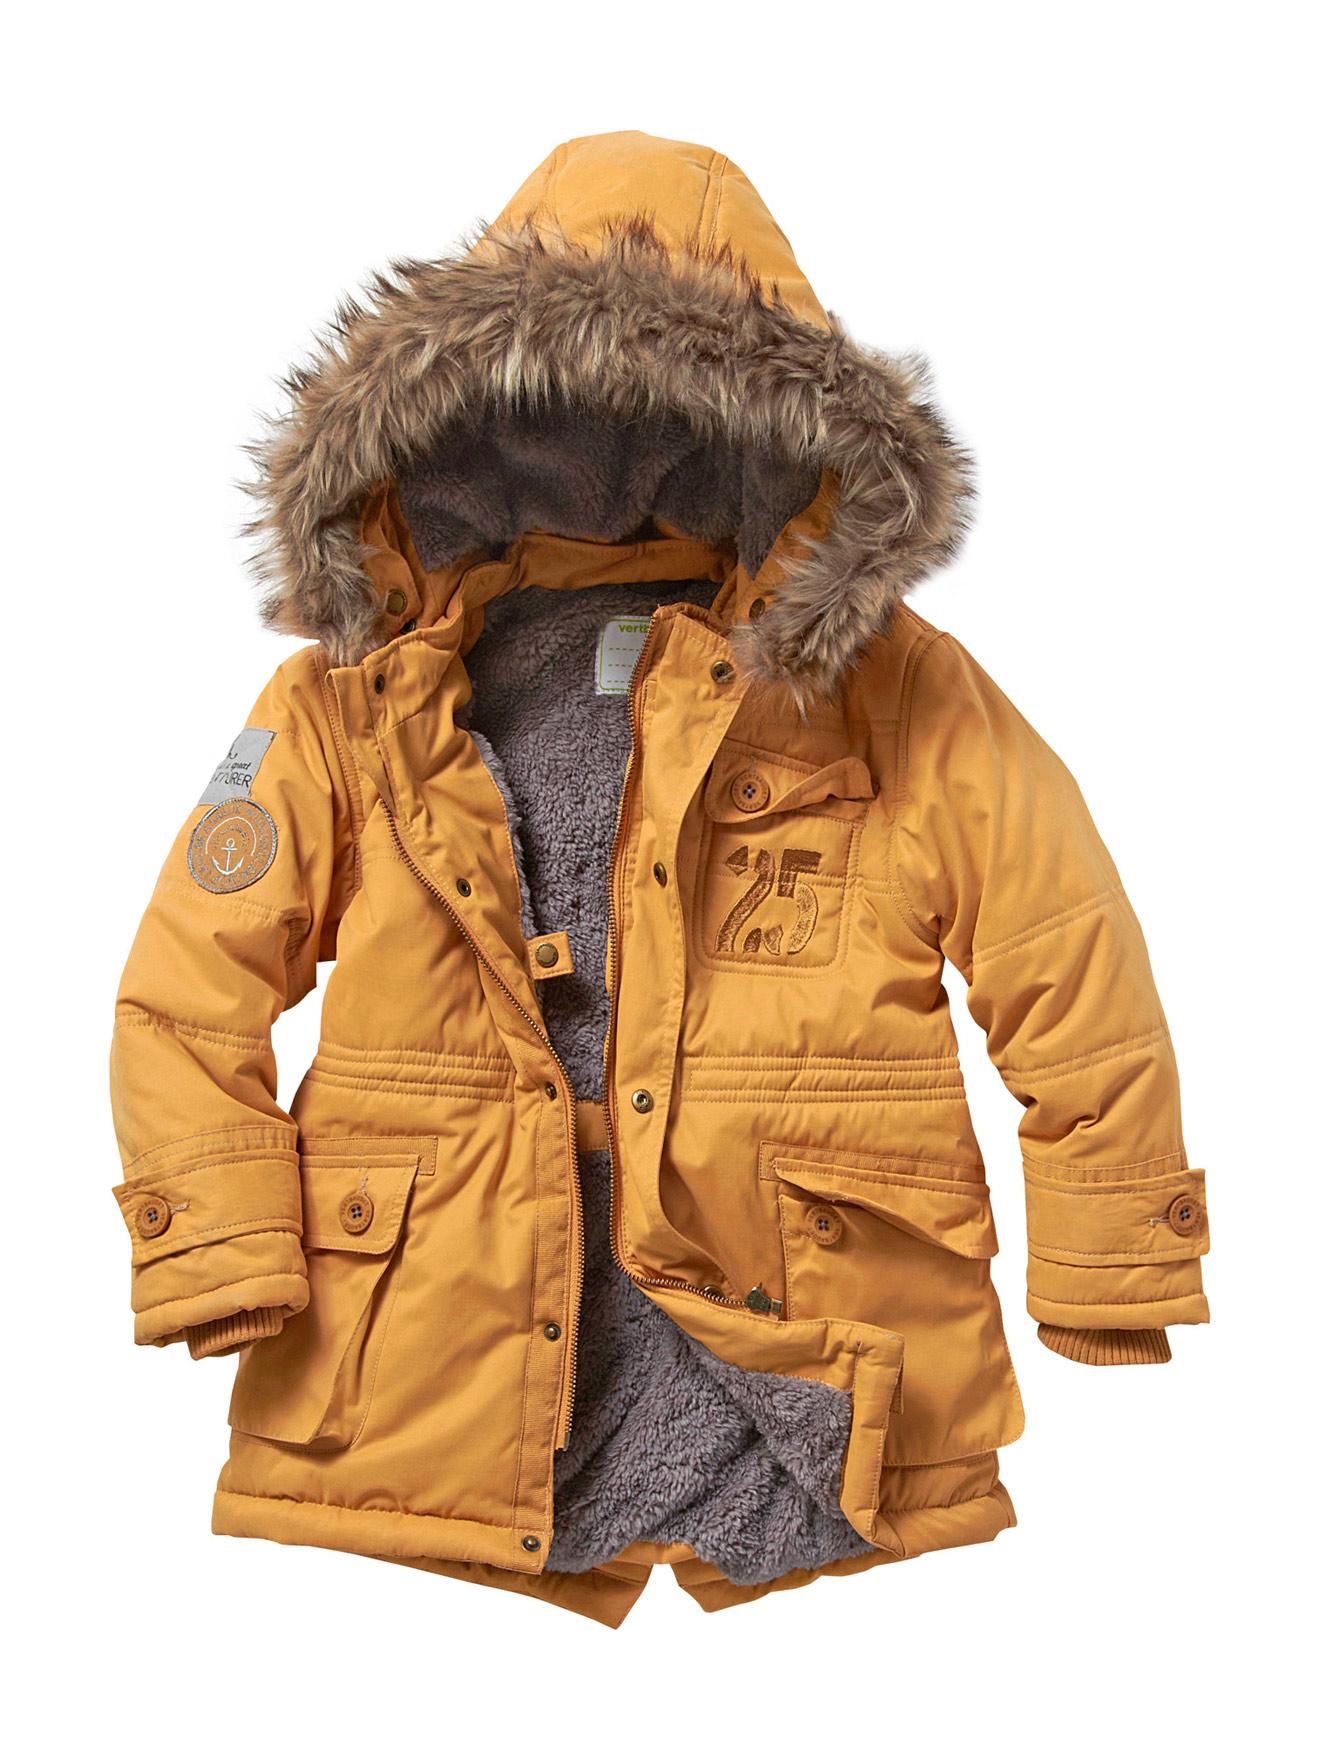 Купить Куртку Парка Для Ребенка